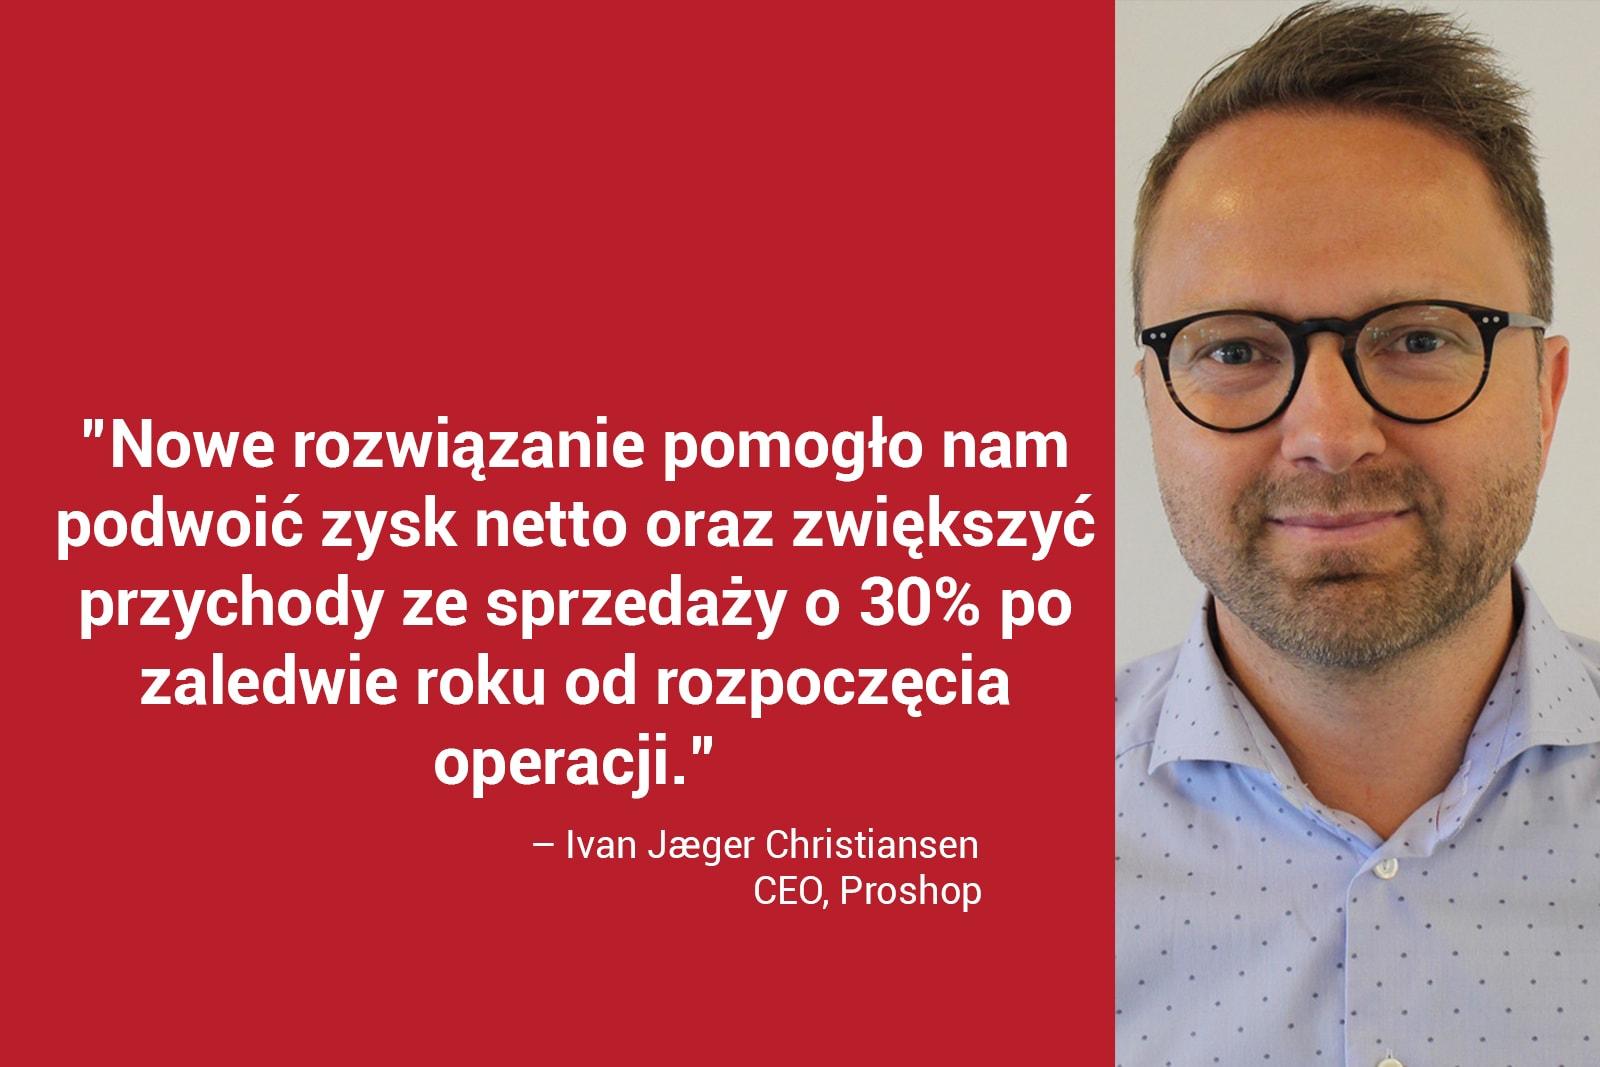 Jaeger Christiansen, CEO Proshop